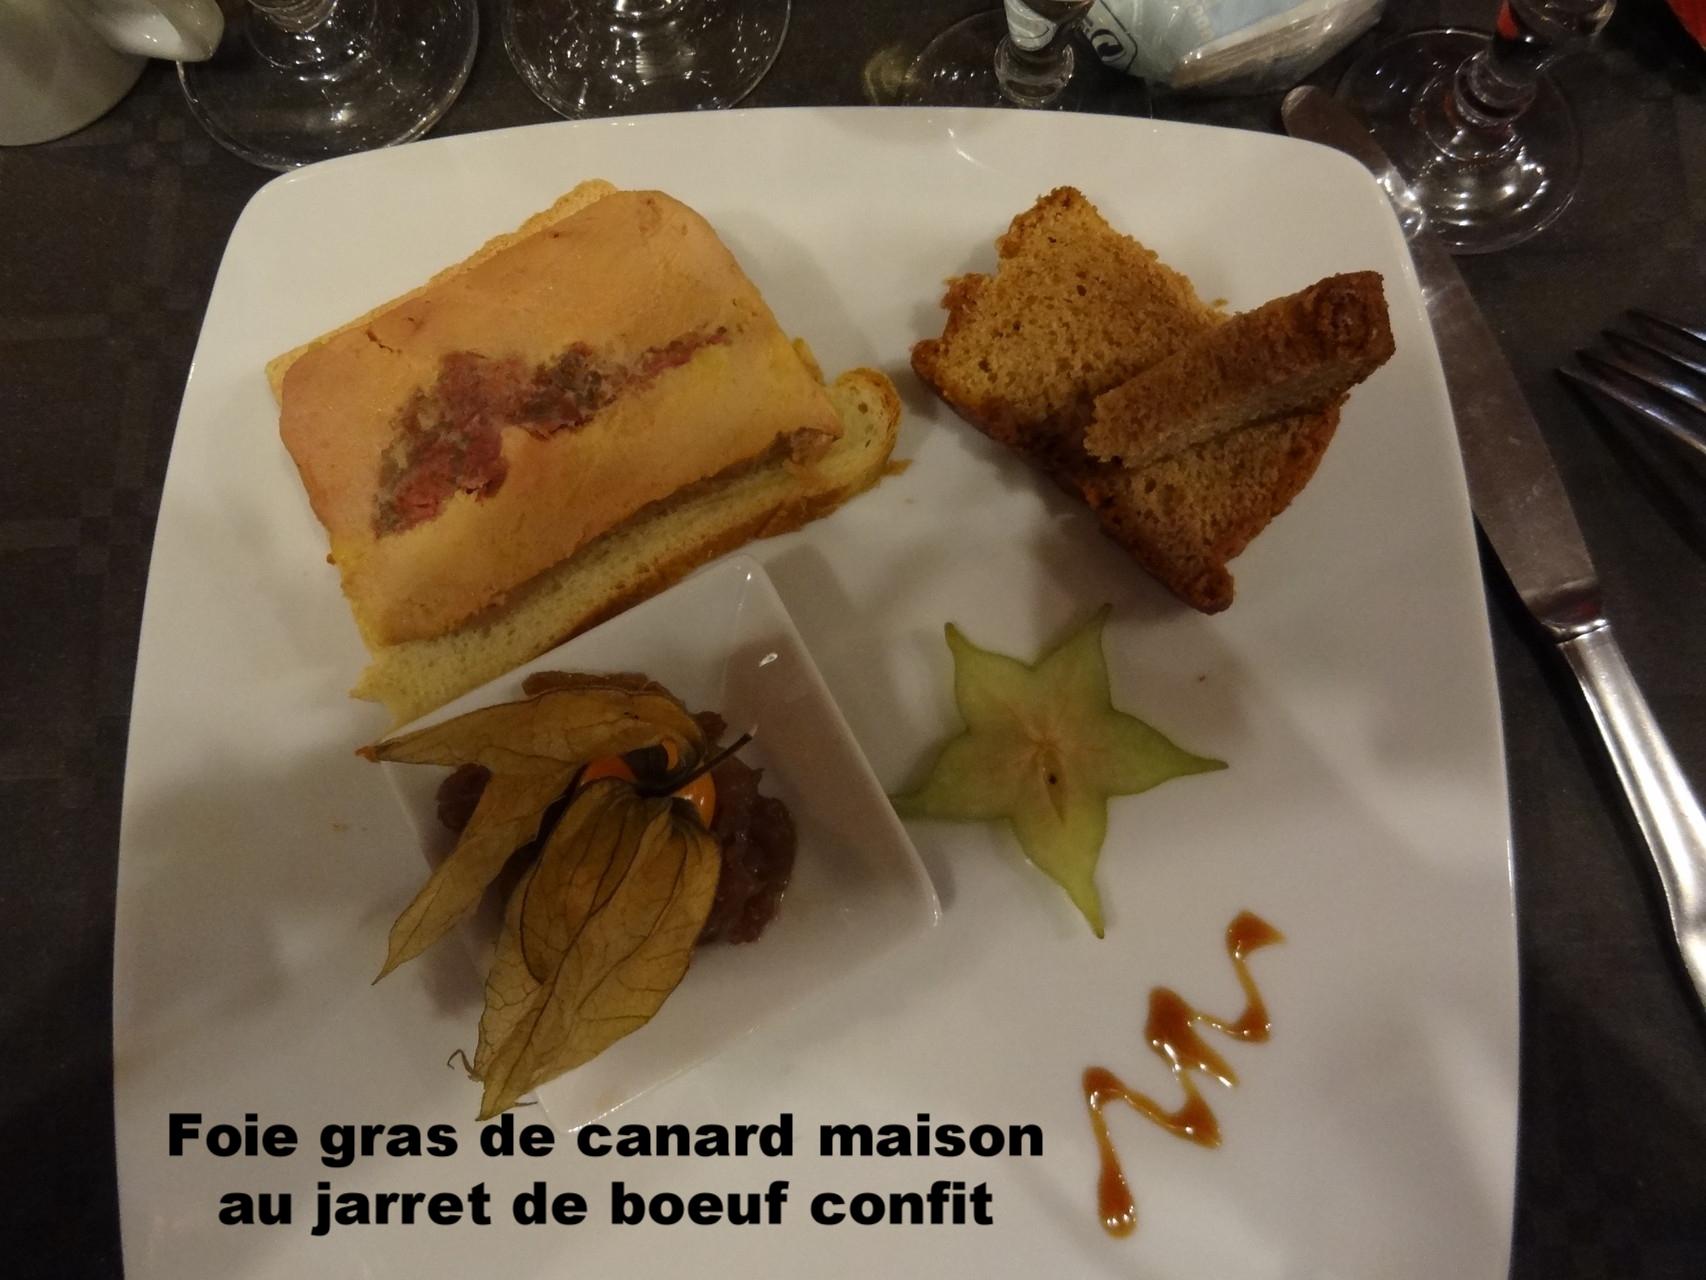 Foie gras au jarret de boeuf confit, pain d'épice